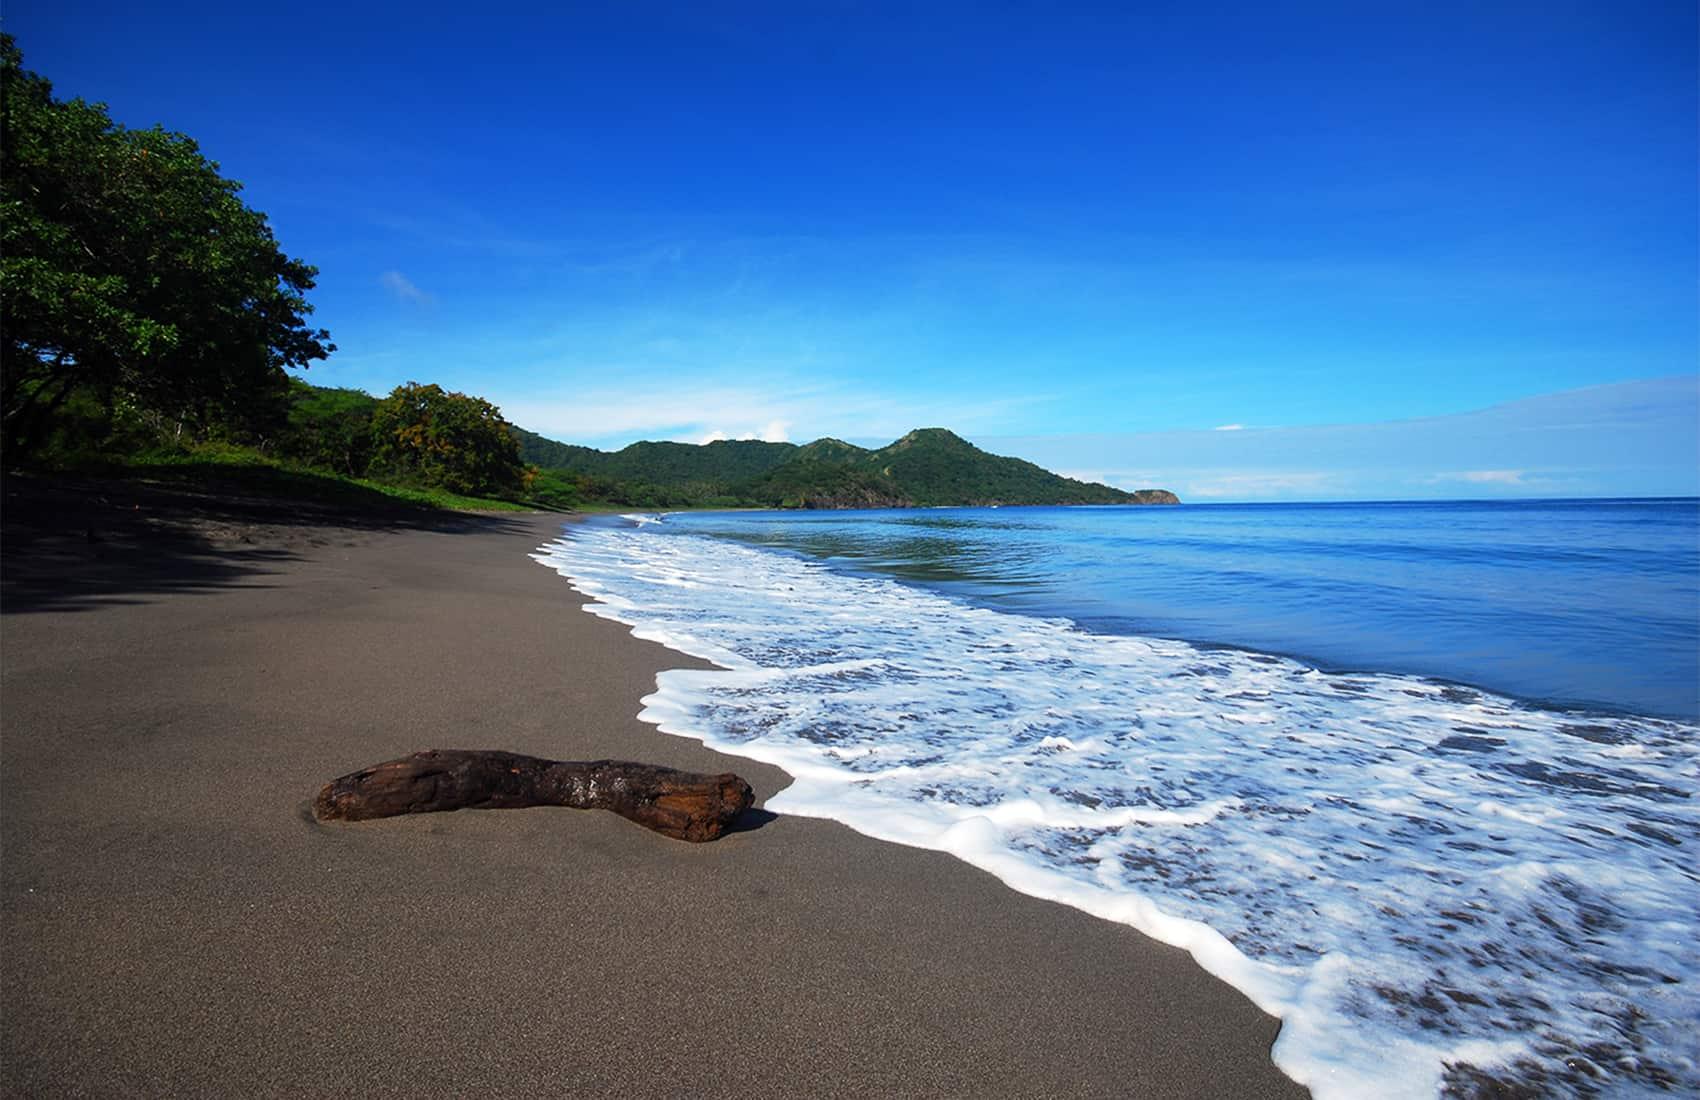 Playa Matapalo, Guanacaste